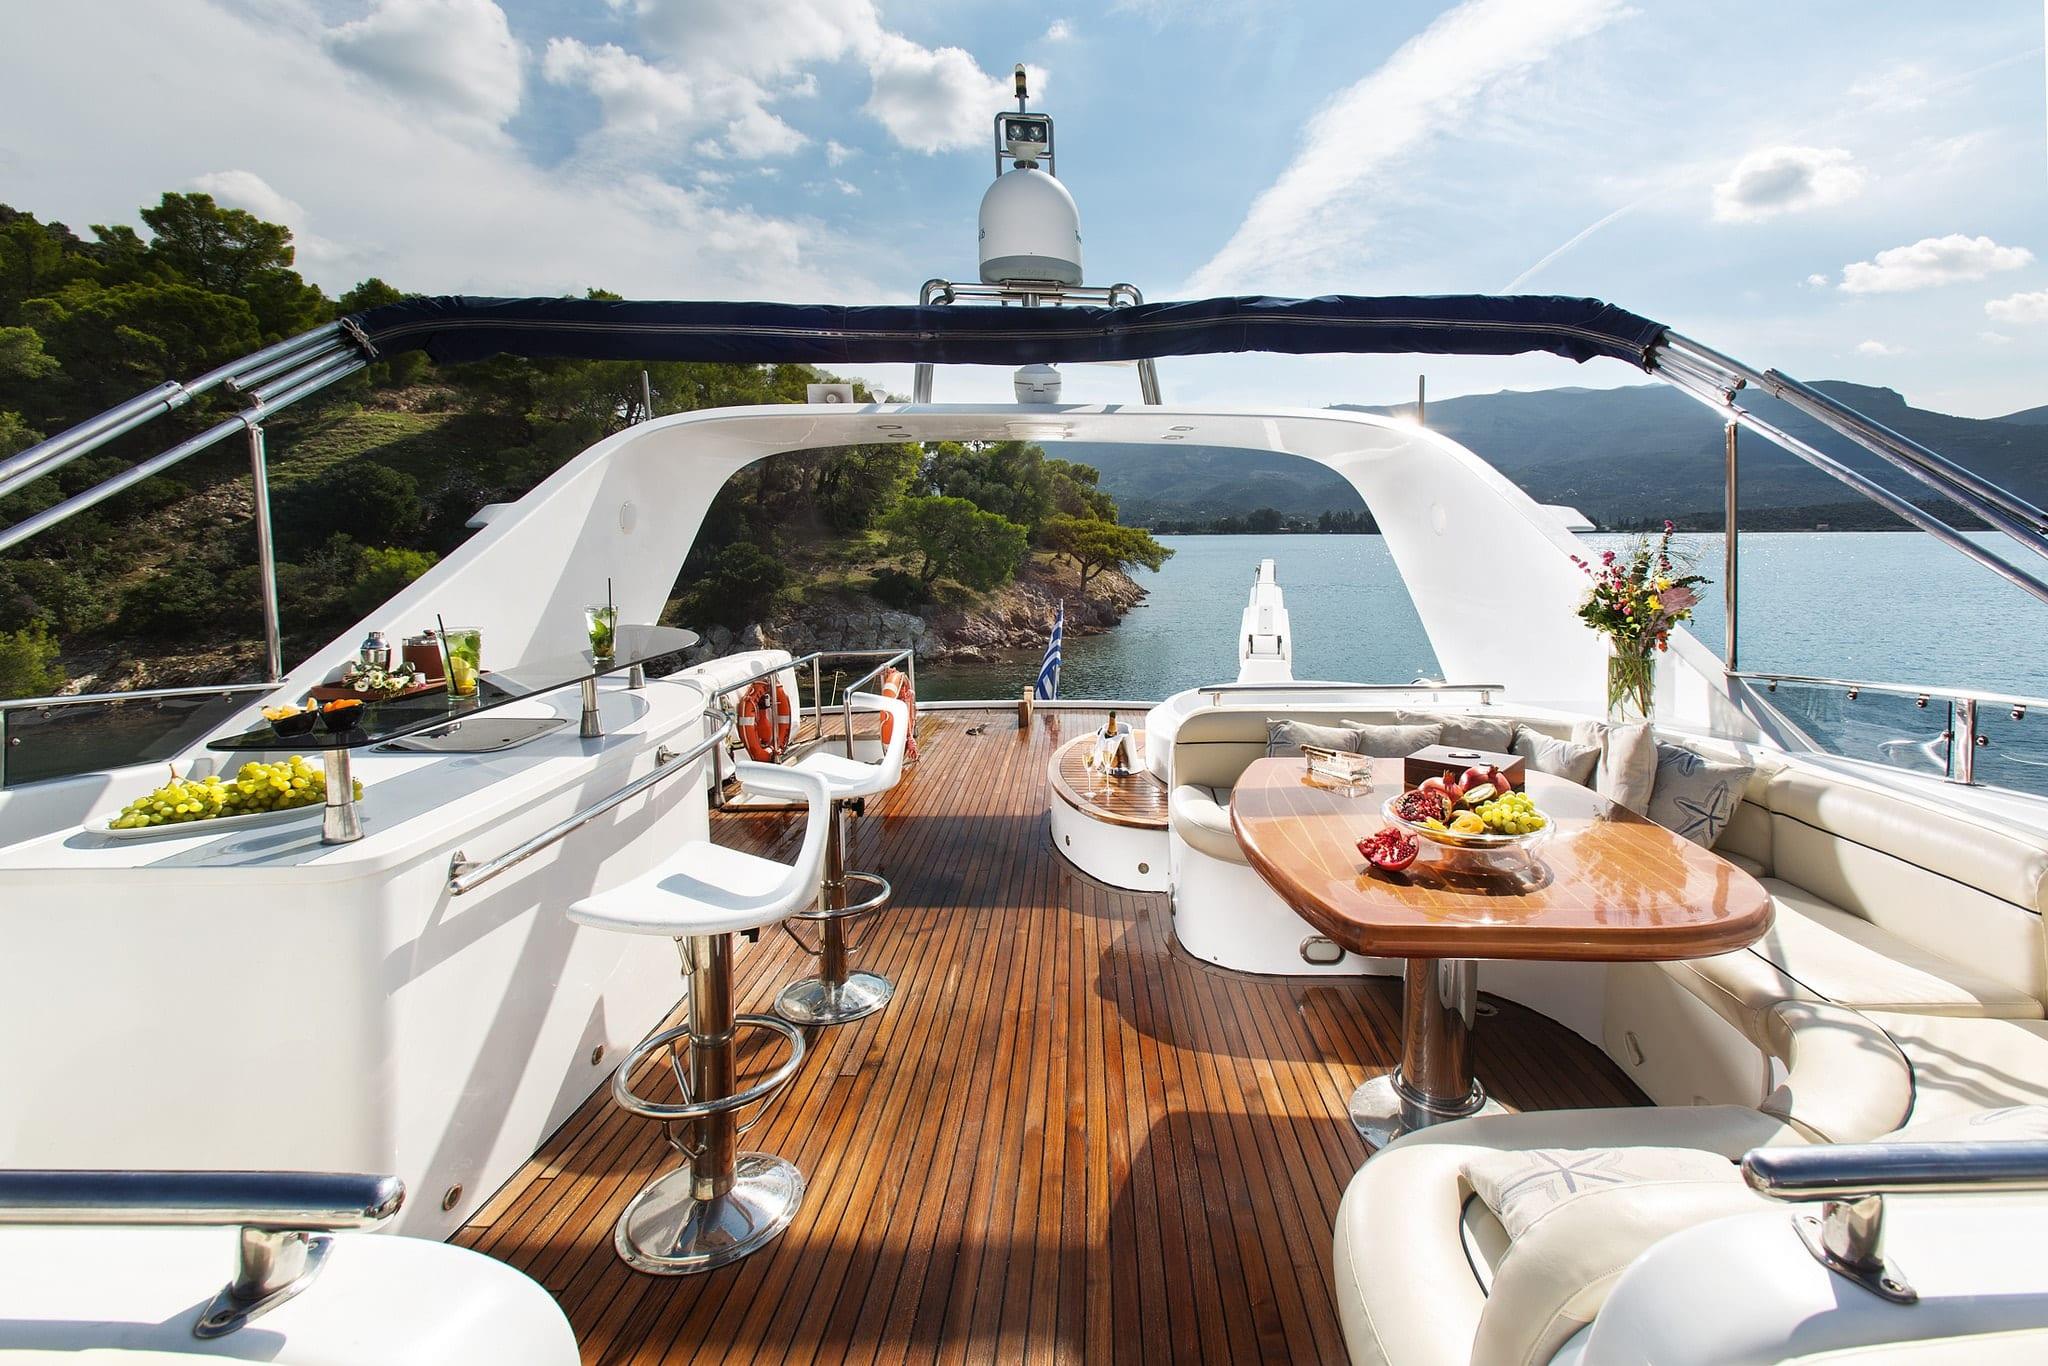 nitta v motor yacht sundeck1 min -  Valef Yachts Chartering - 2542